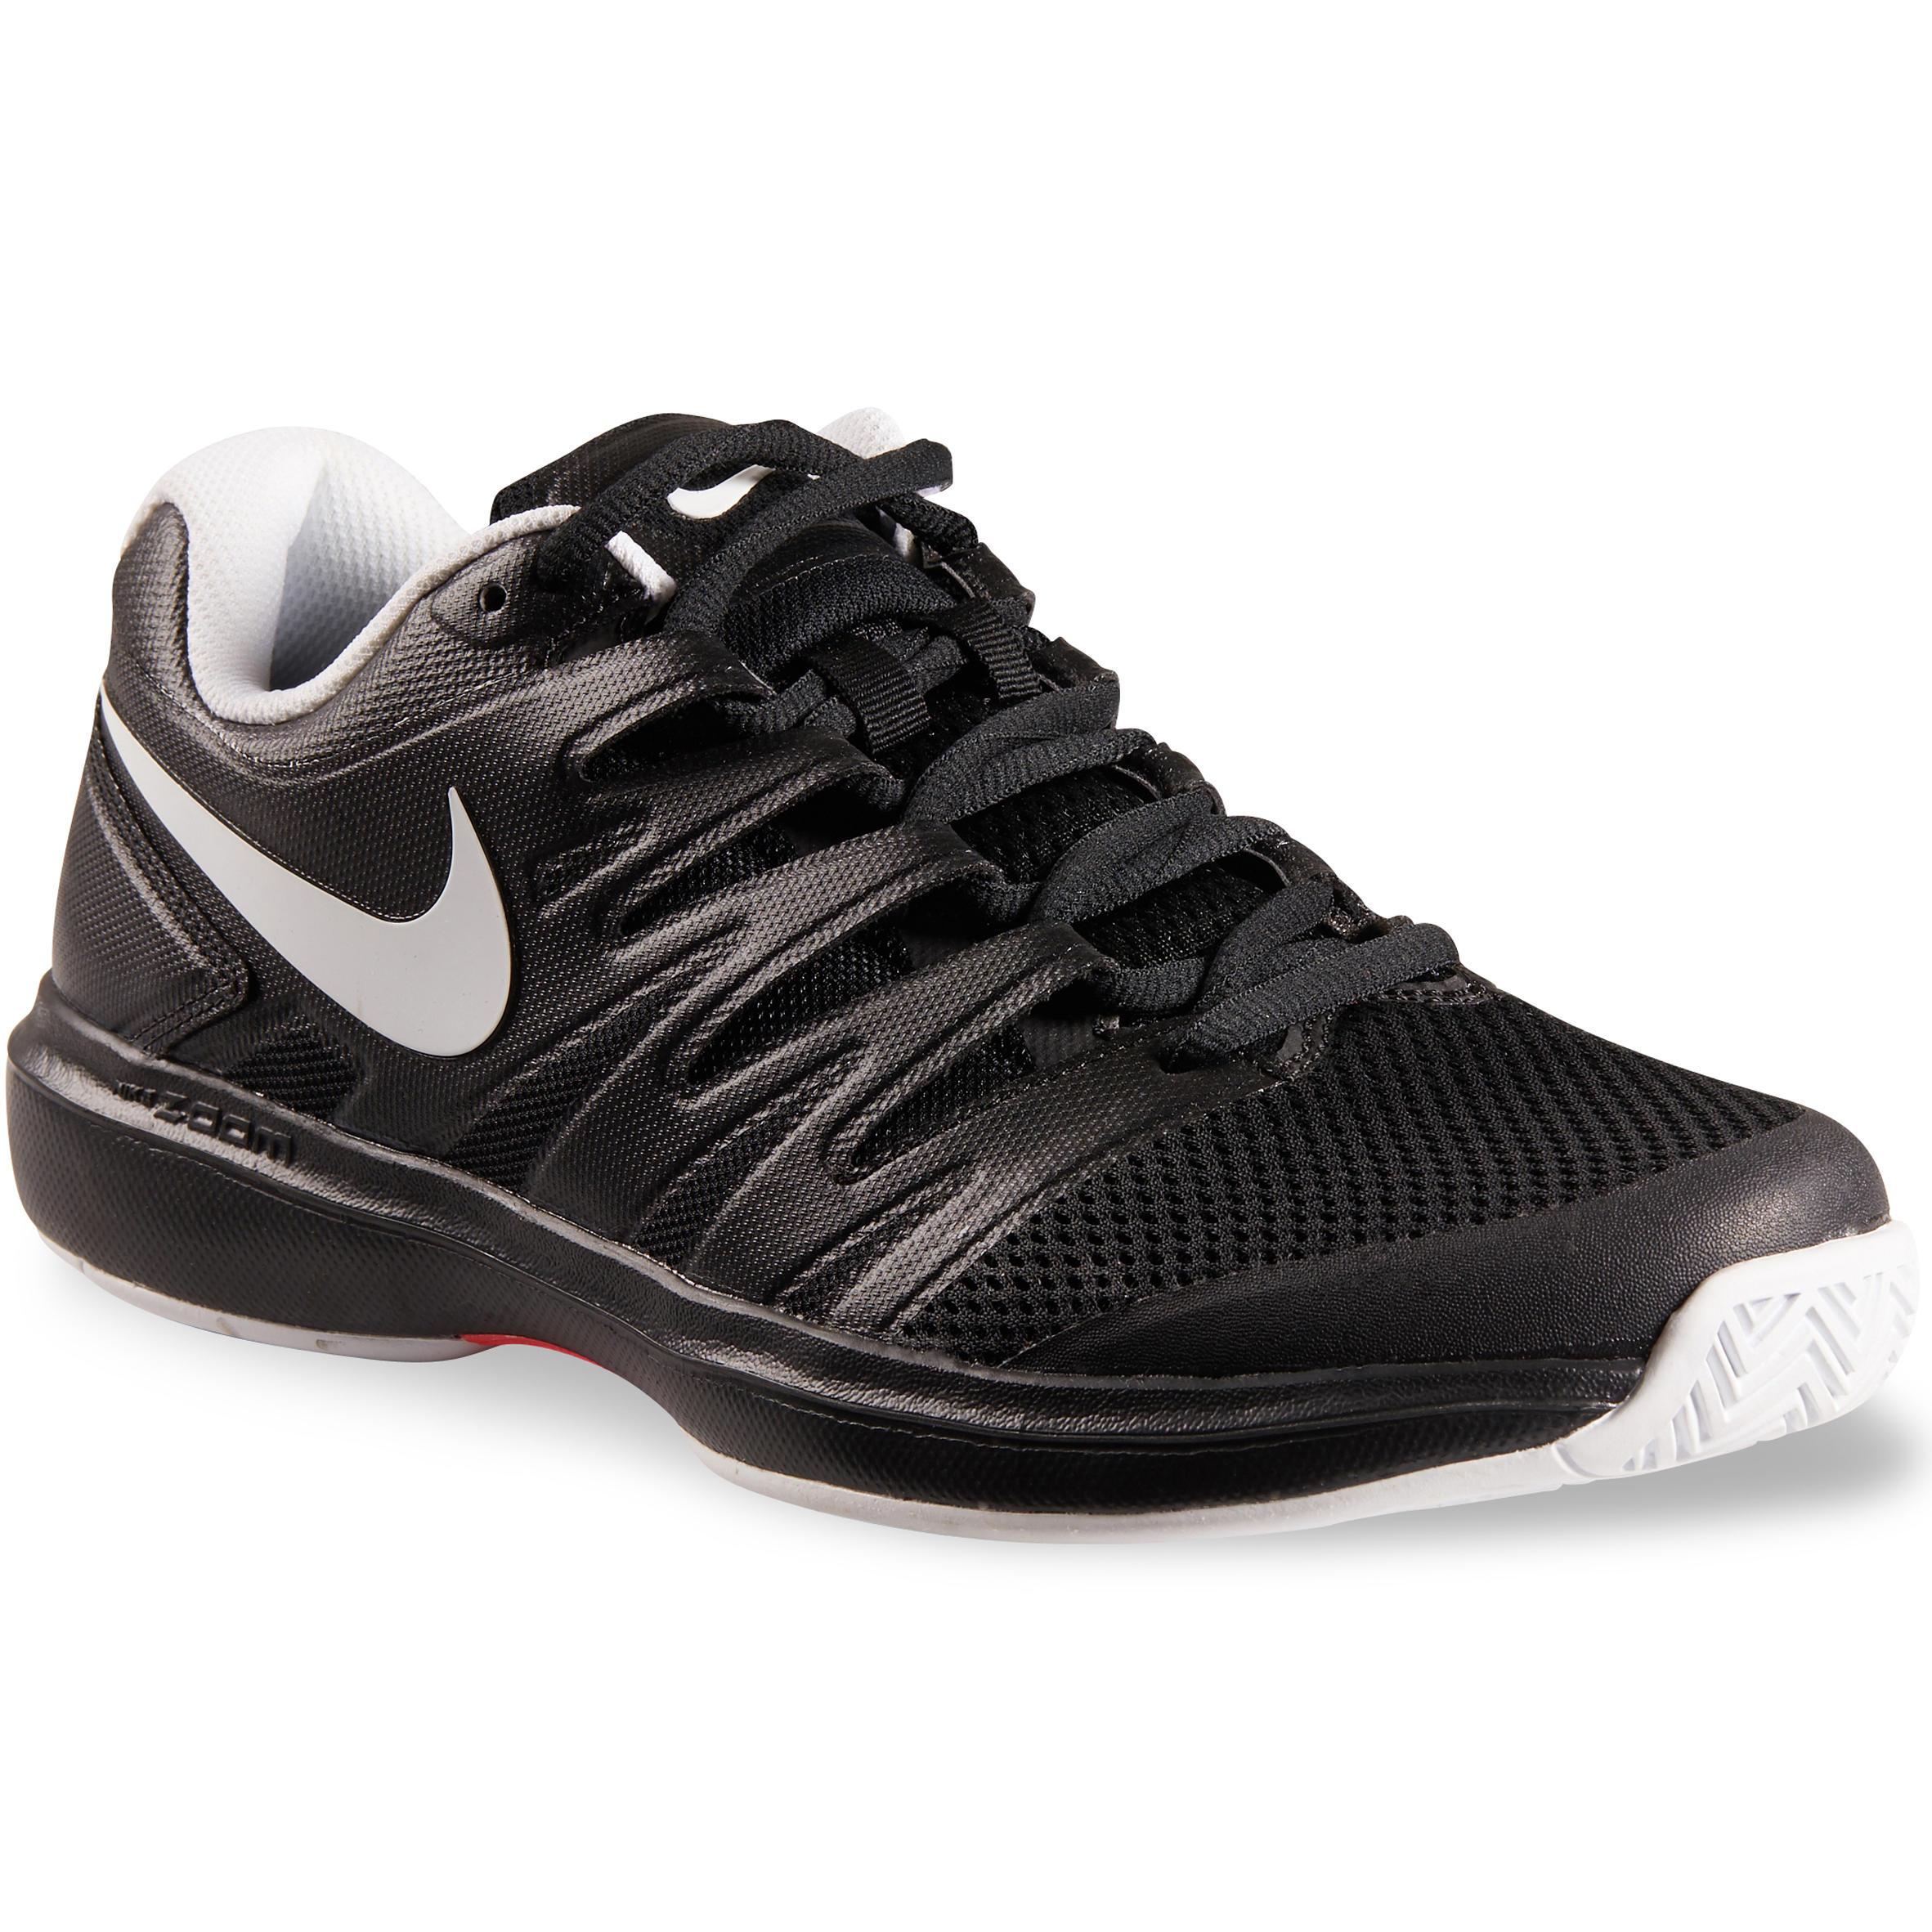 2a0ba3e892c Comprar Zapatillas y calzado de tenis hombre | Decathlon